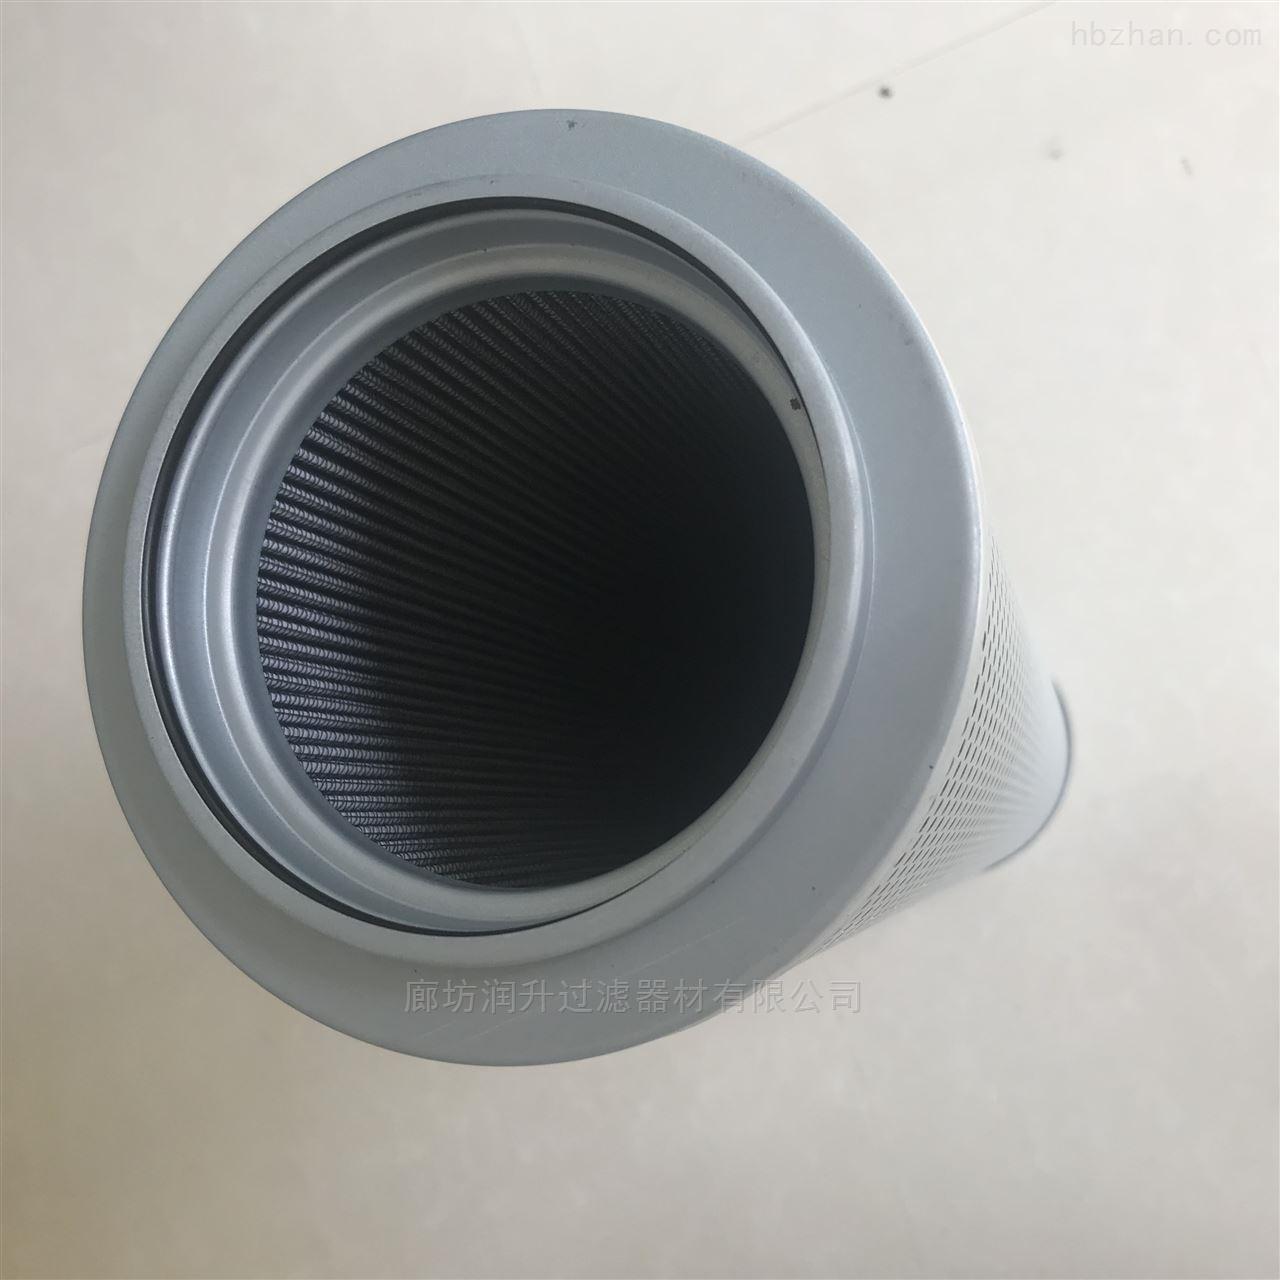 防城港DFM40PP005A01滤芯报价